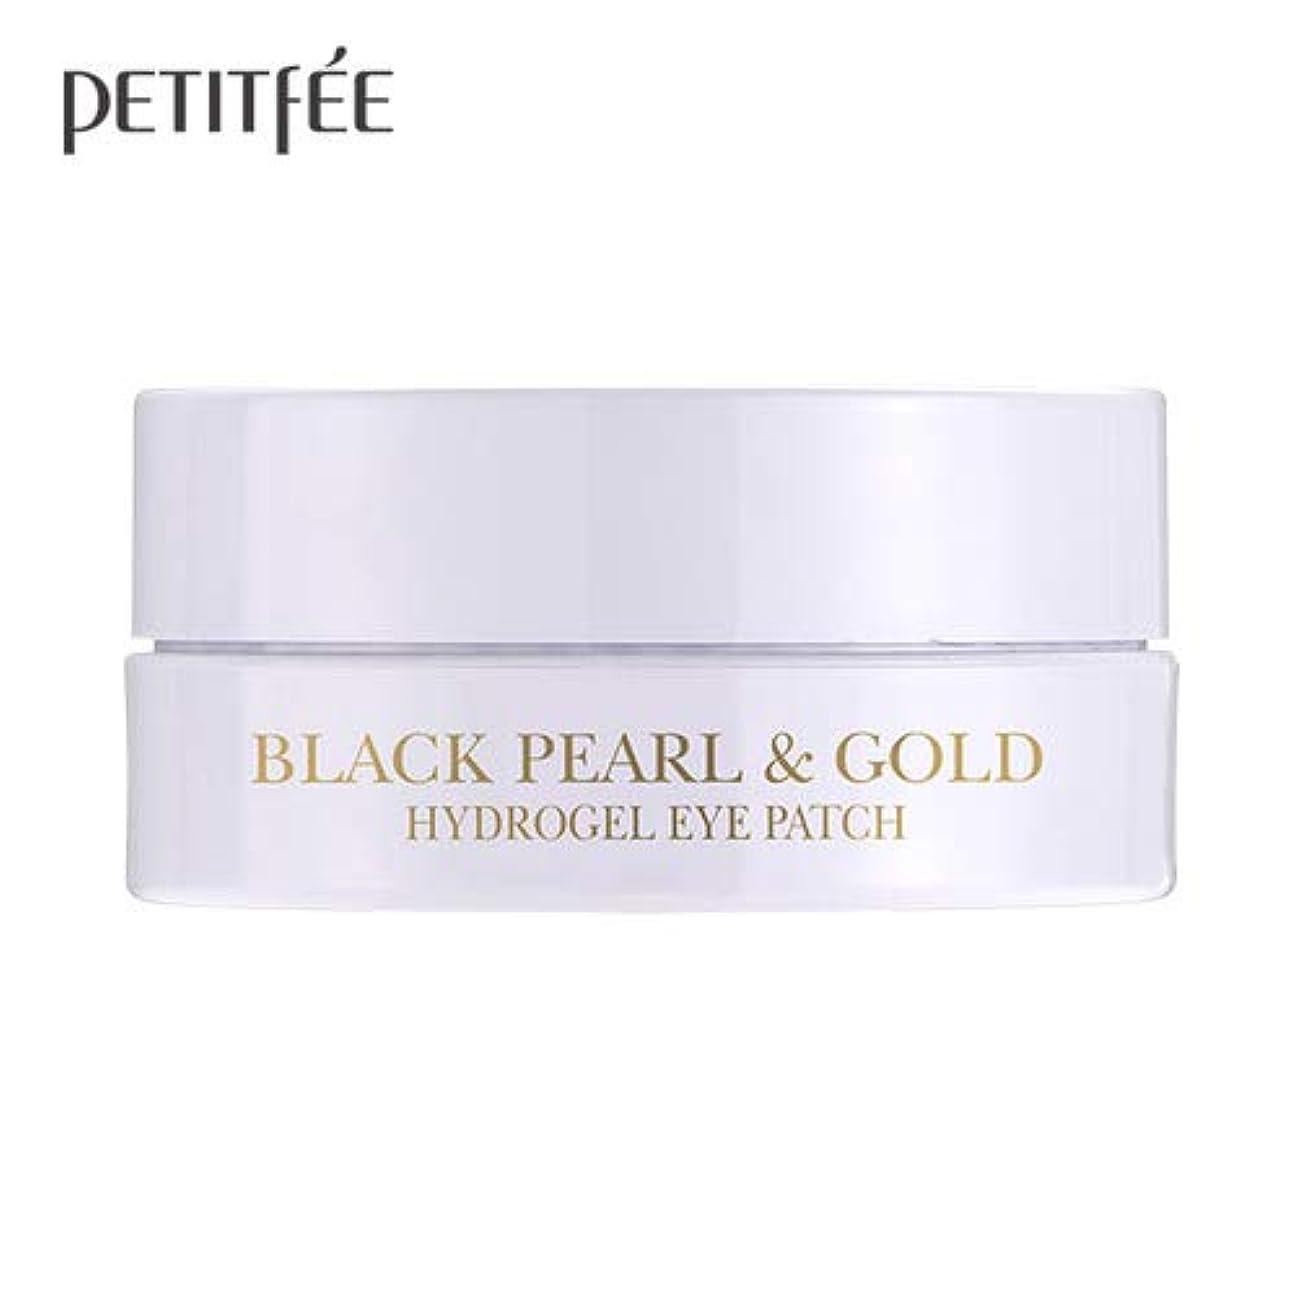 本当のことを言うとコンプリート描写Petitfee [プチフェ] ブラックパール&ゴールド ハイドロゲルアイパッチ / Black pearl & Gold Eye Patch (60枚)